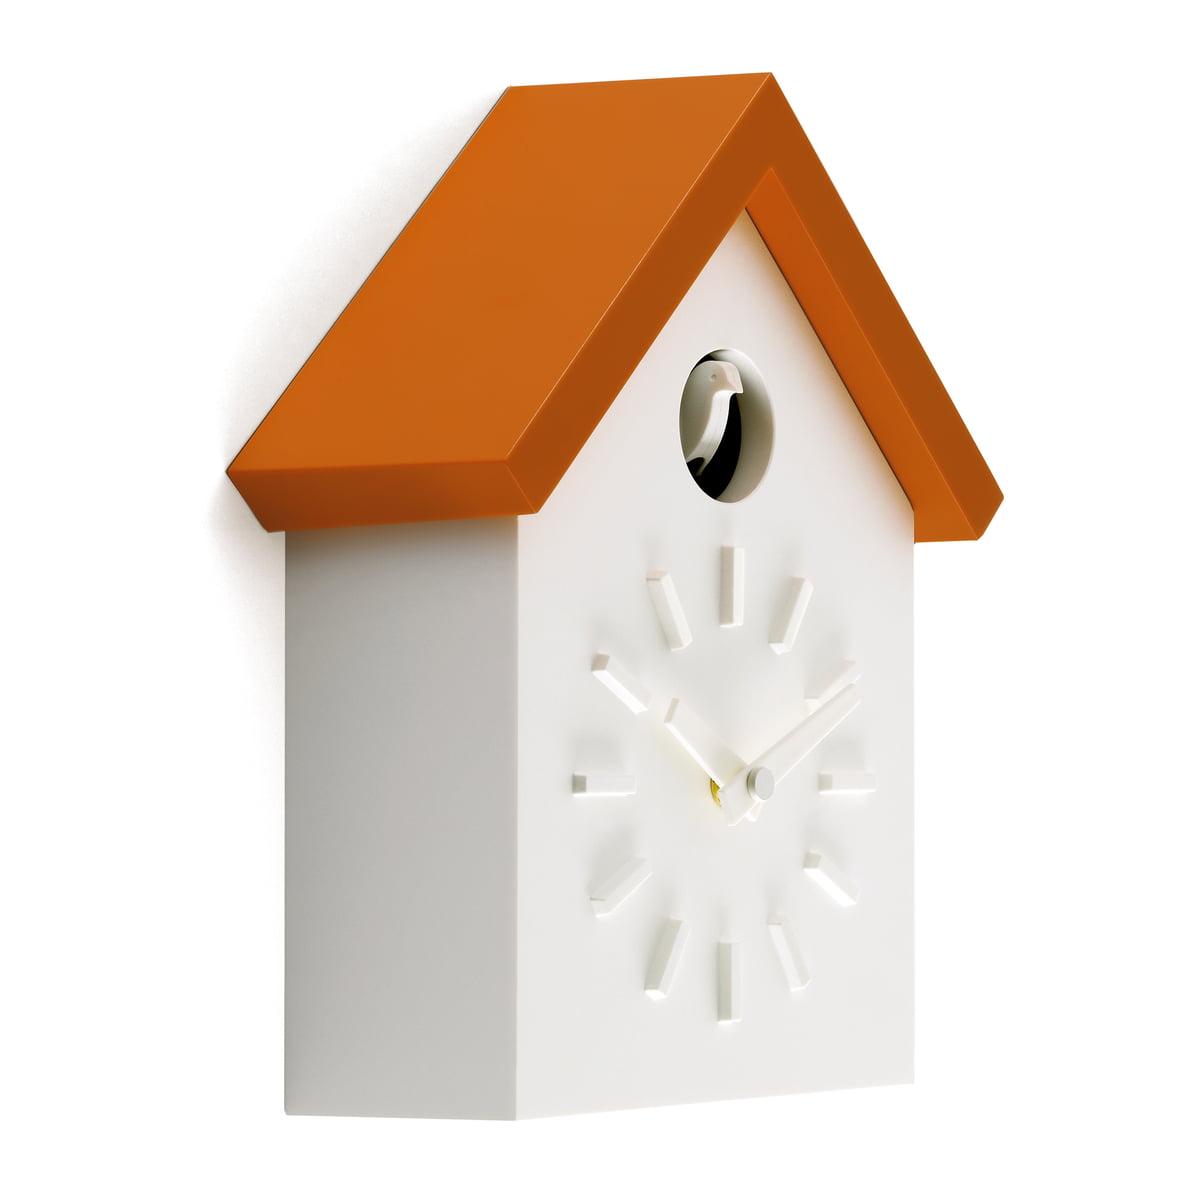 cu clock magis shop. Black Bedroom Furniture Sets. Home Design Ideas